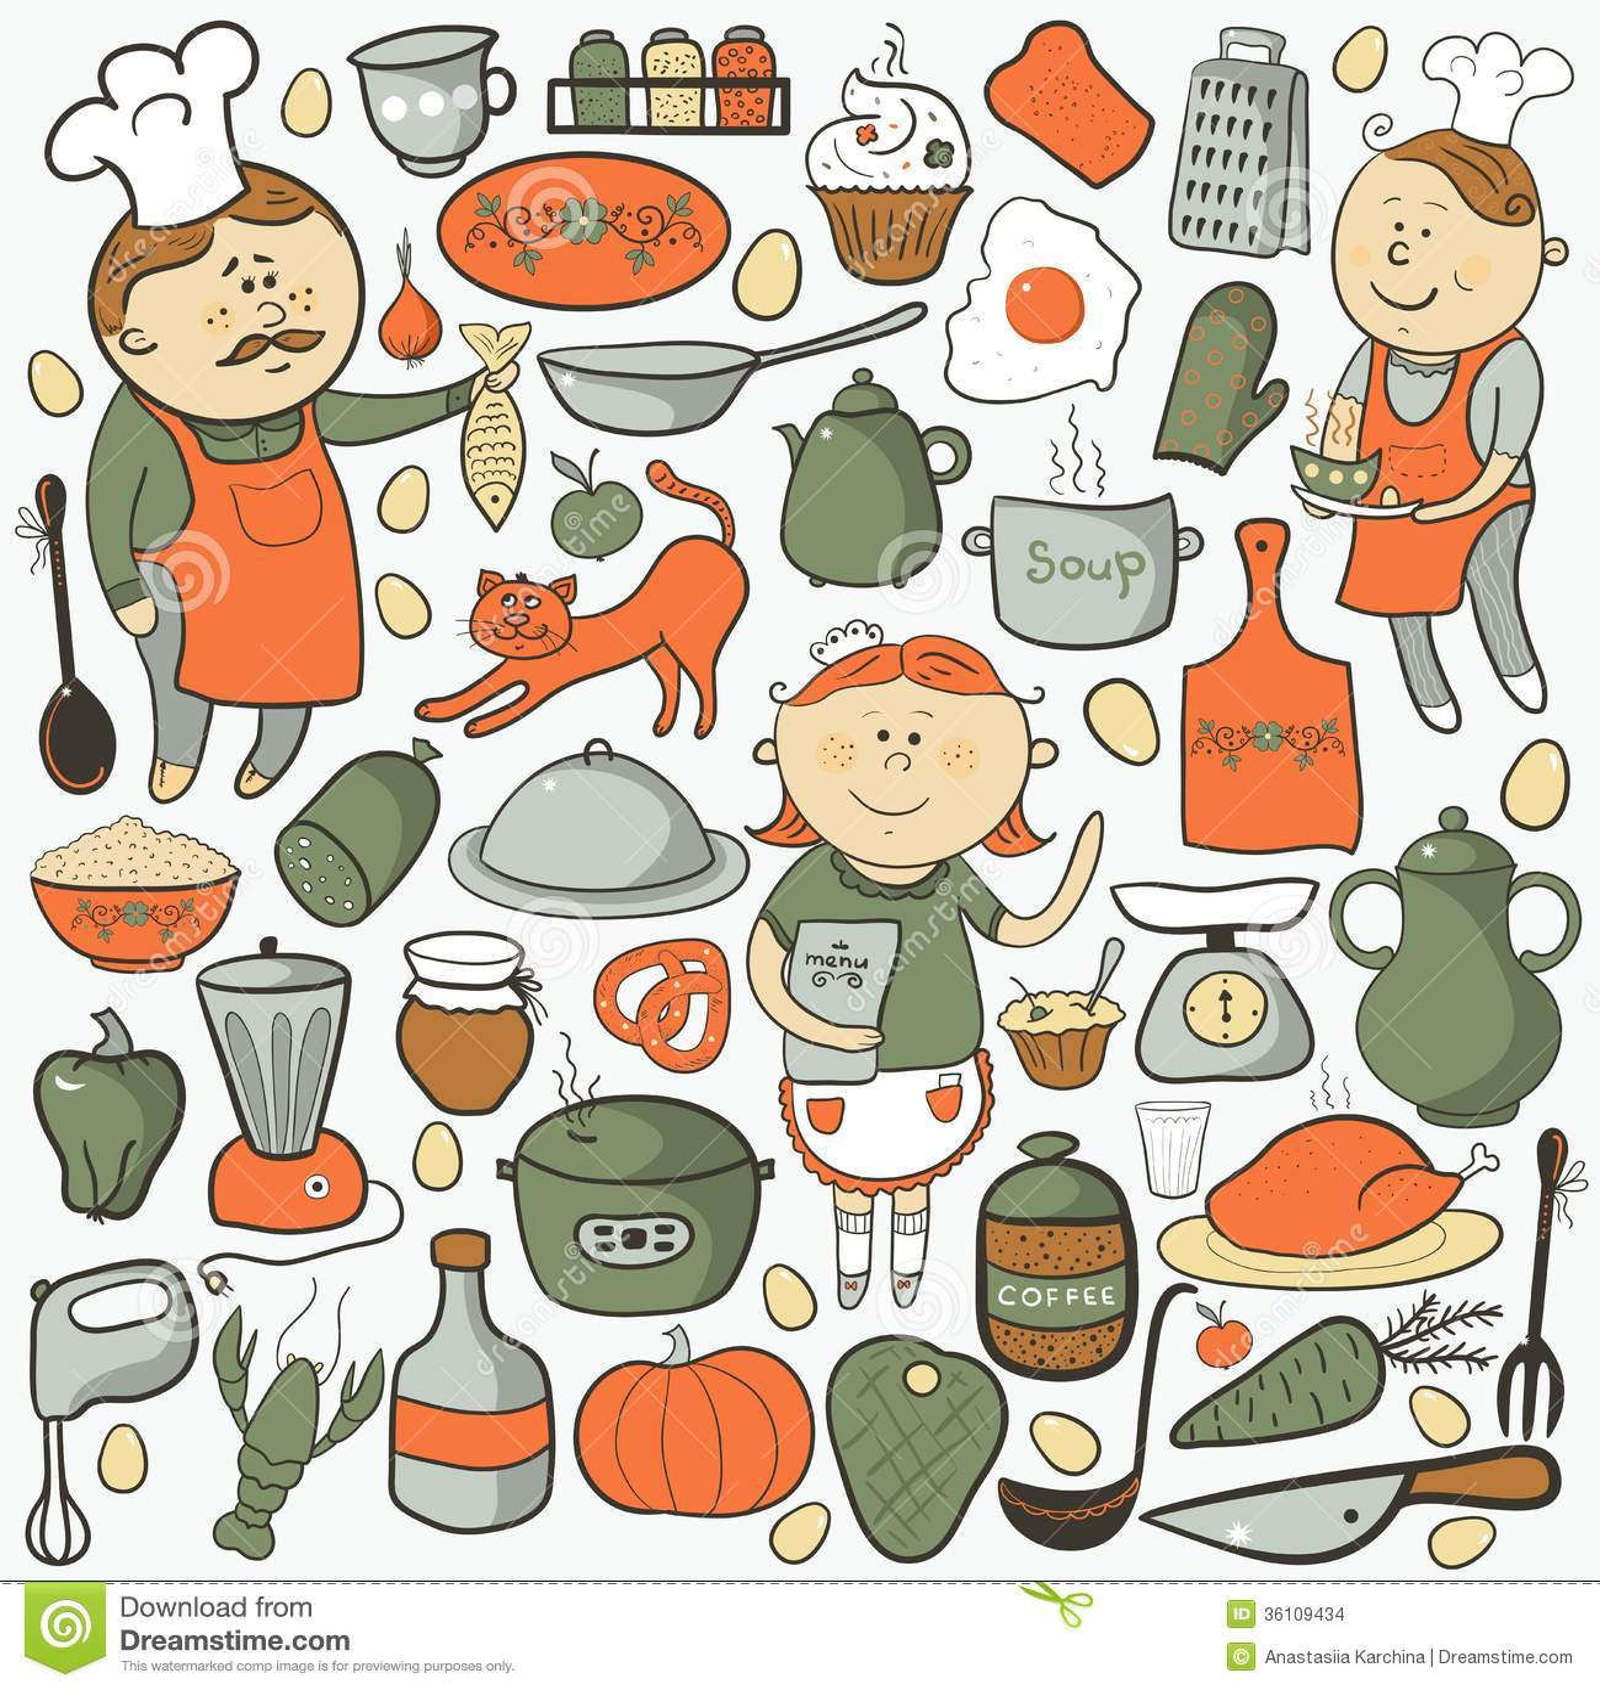 #B74814 Do Vetor Da Cozinha Elementos Coloridos Dos Desenhos Animados Imagens  1300x1390 px Nova Cozinha Desenhos Imagens_617 Imagens